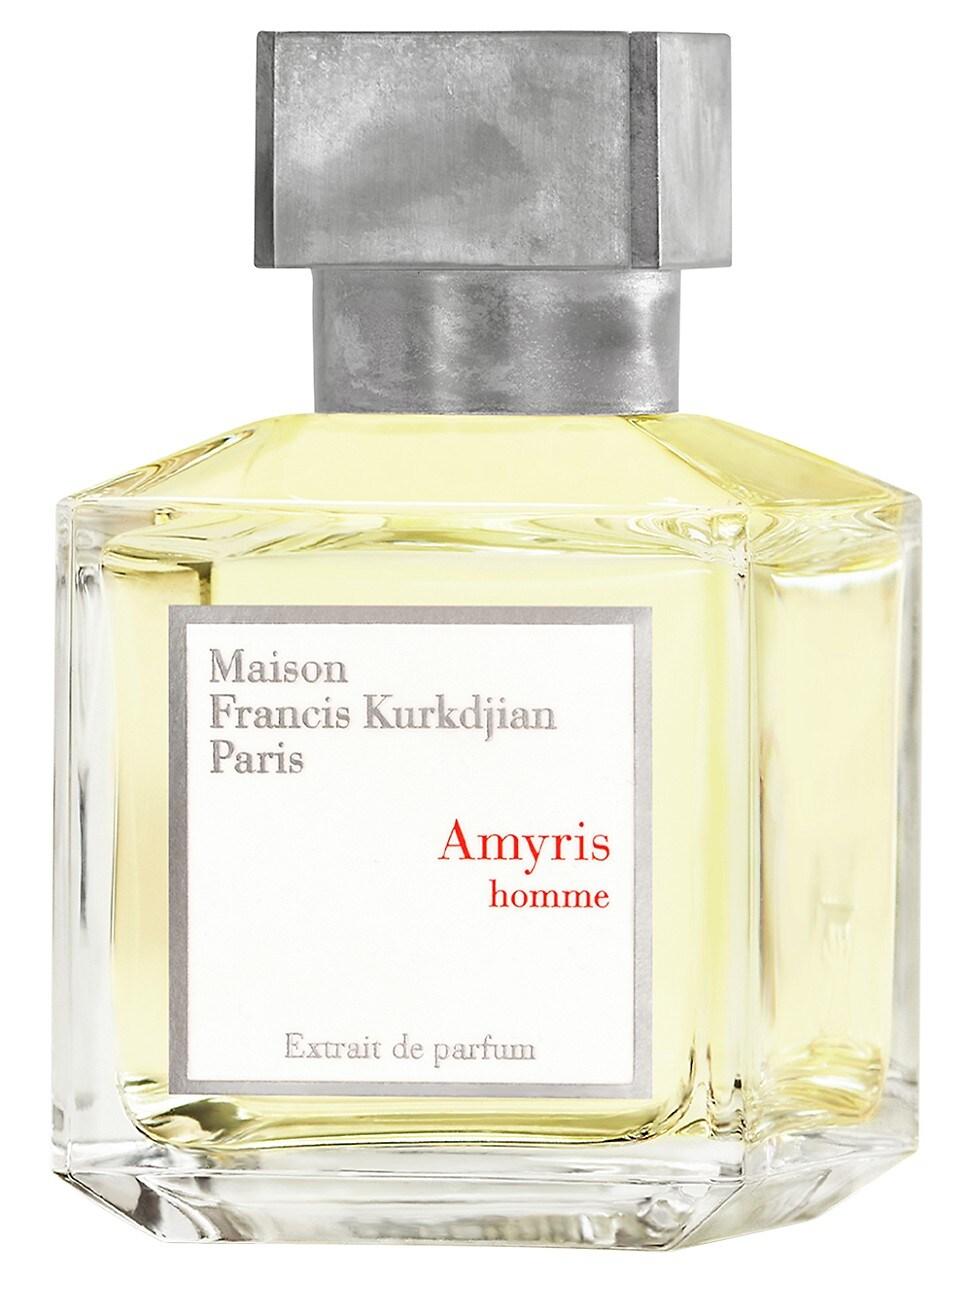 Maison Francis Kurkdjian WOMEN'S AMYRIS HOMME EXTRAIT DE PARFUM